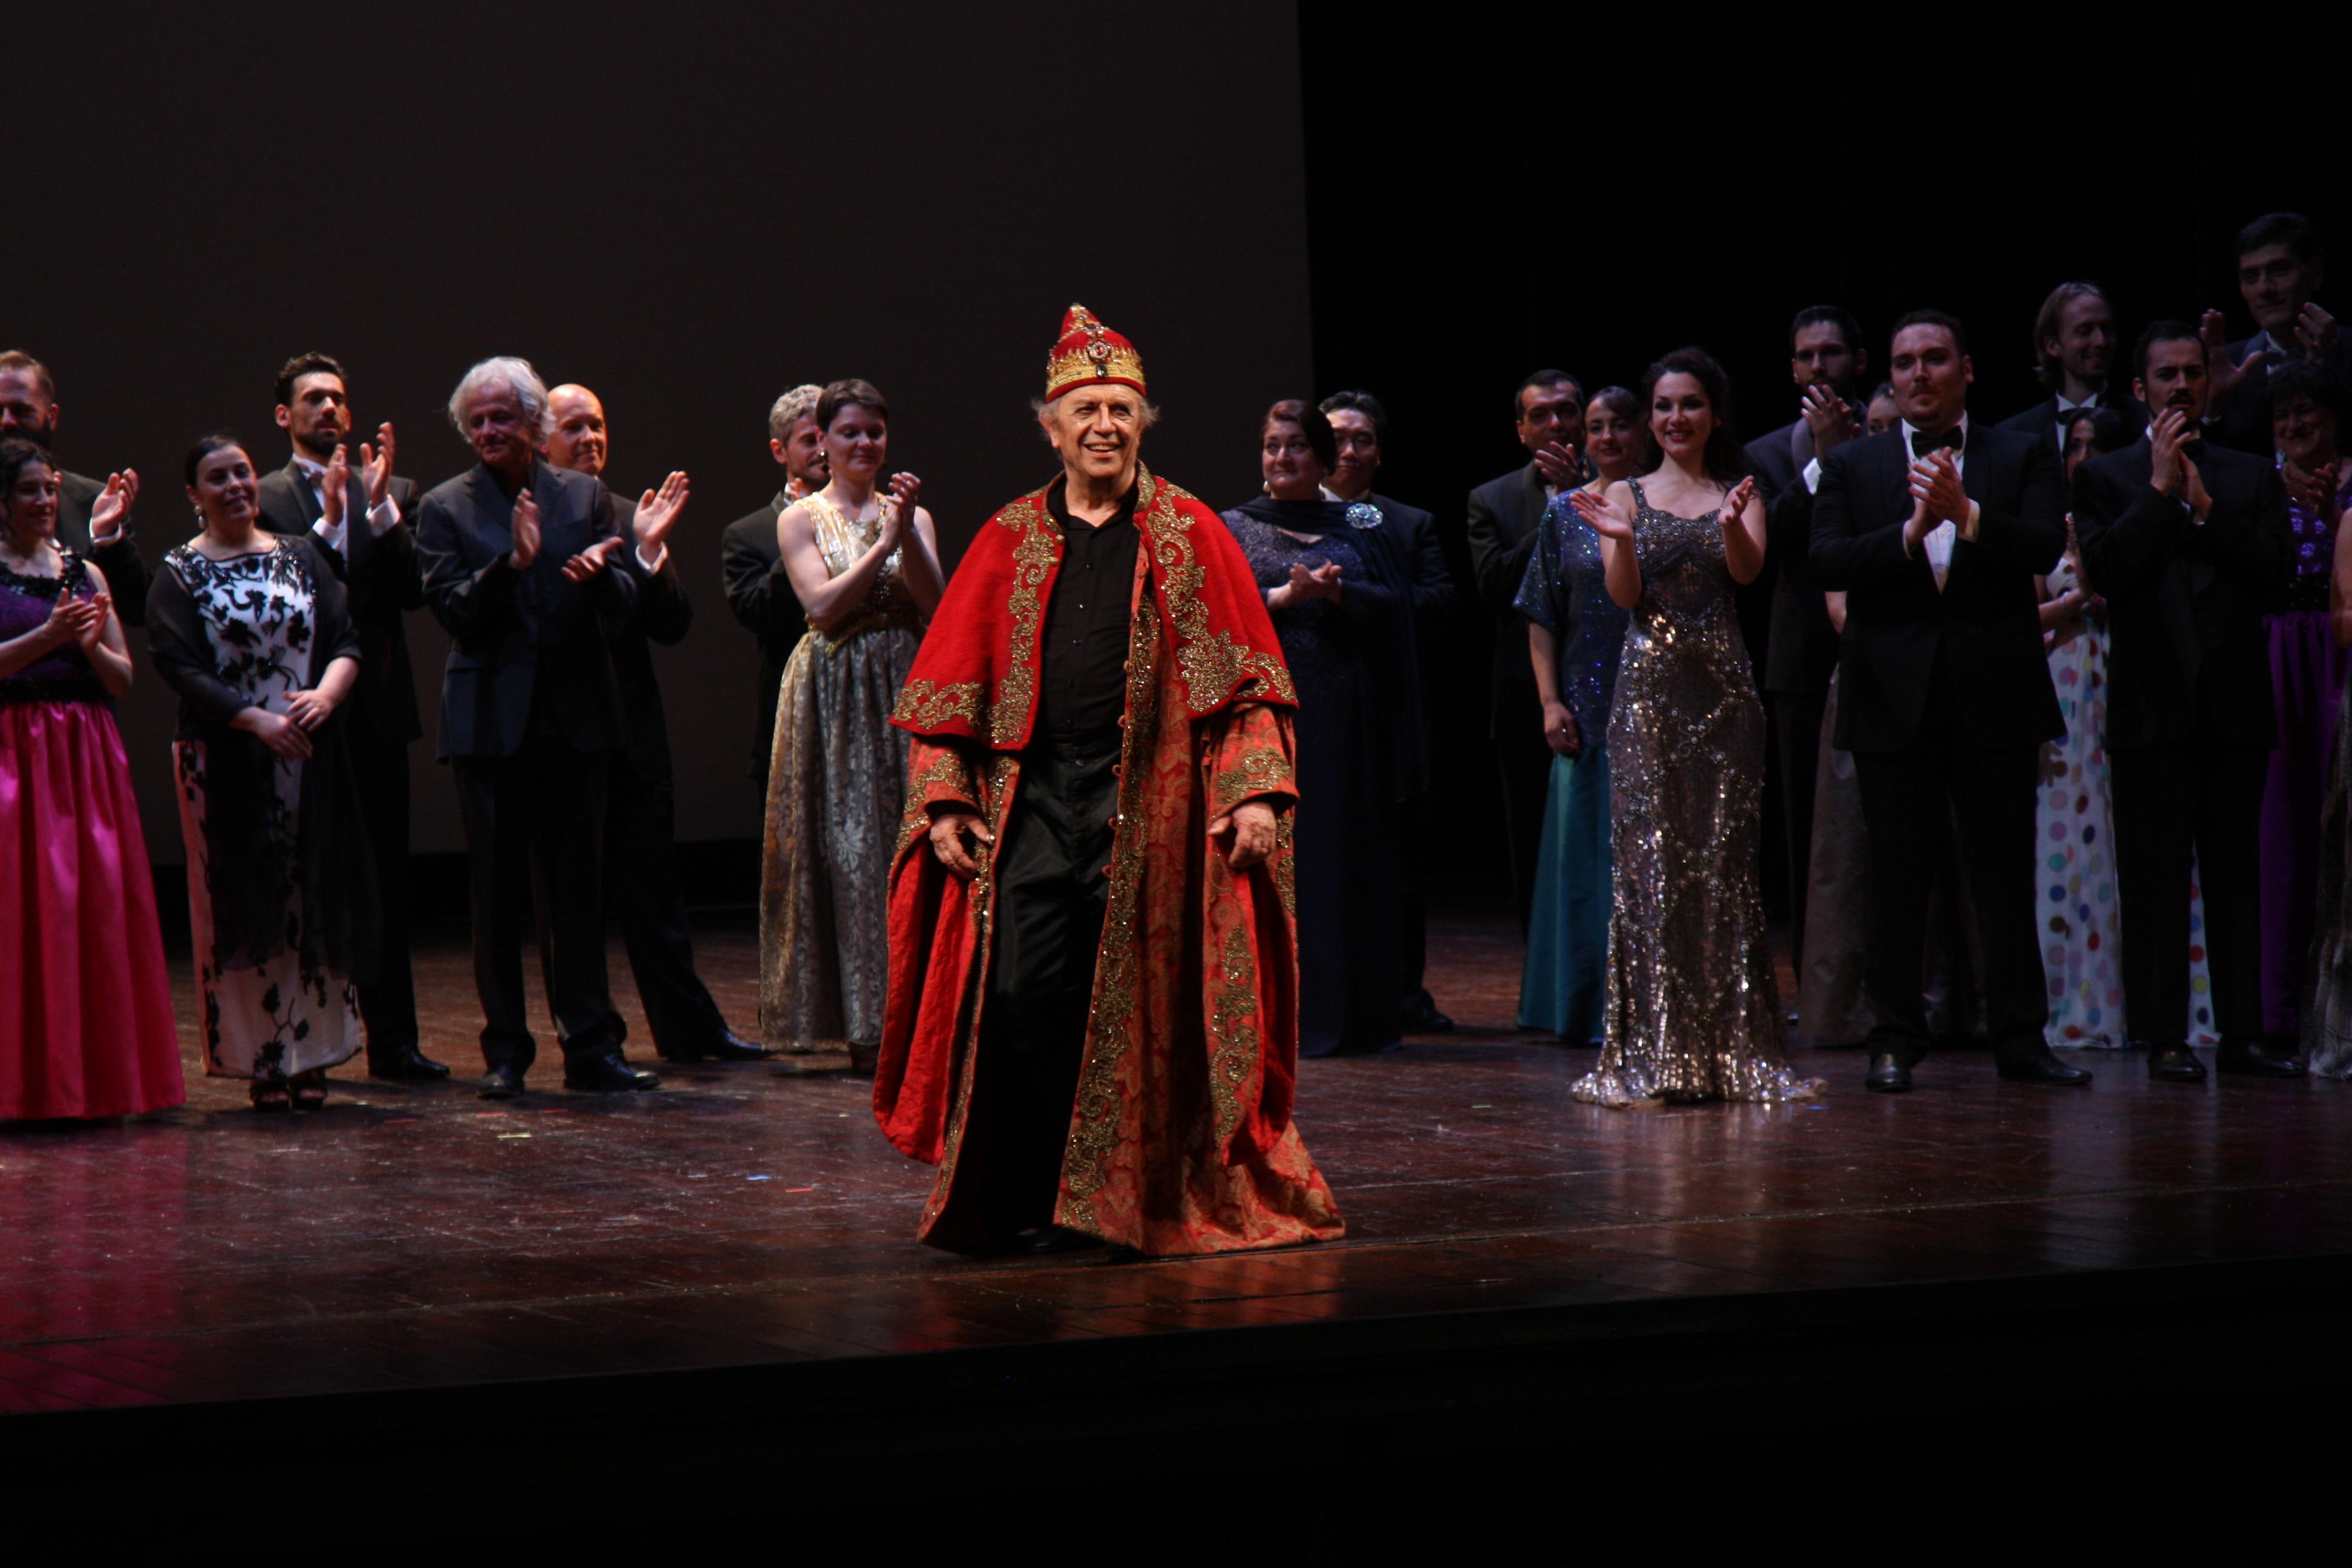 Leo Nucci festeggia i 50 anni di carriera a Piacenza con Avrò dunque sognato